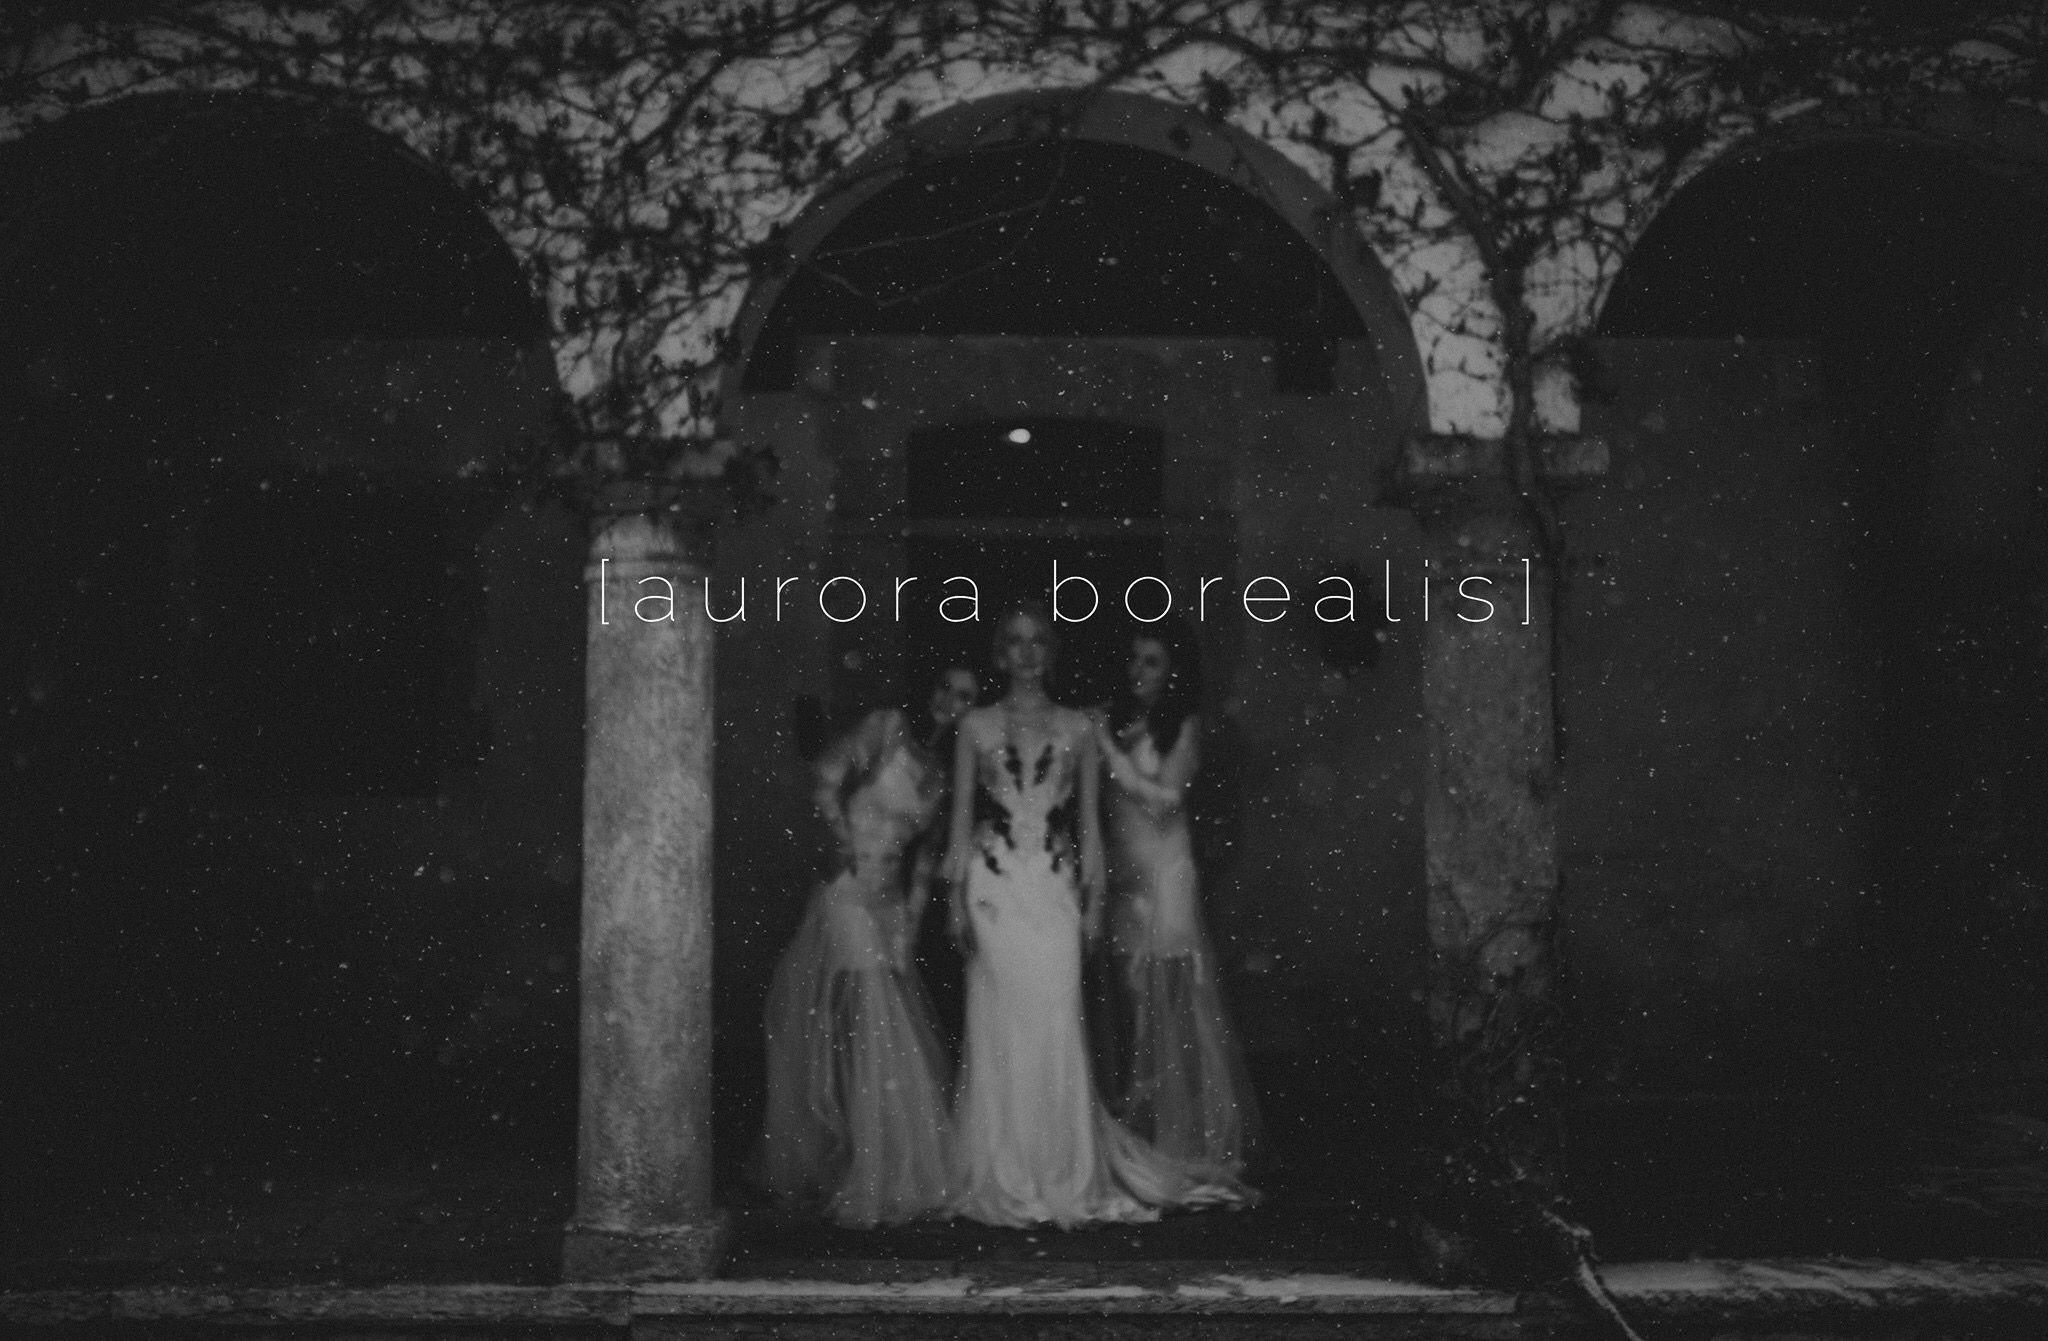 Aurora borealis nora sarman bridal photo the wedding